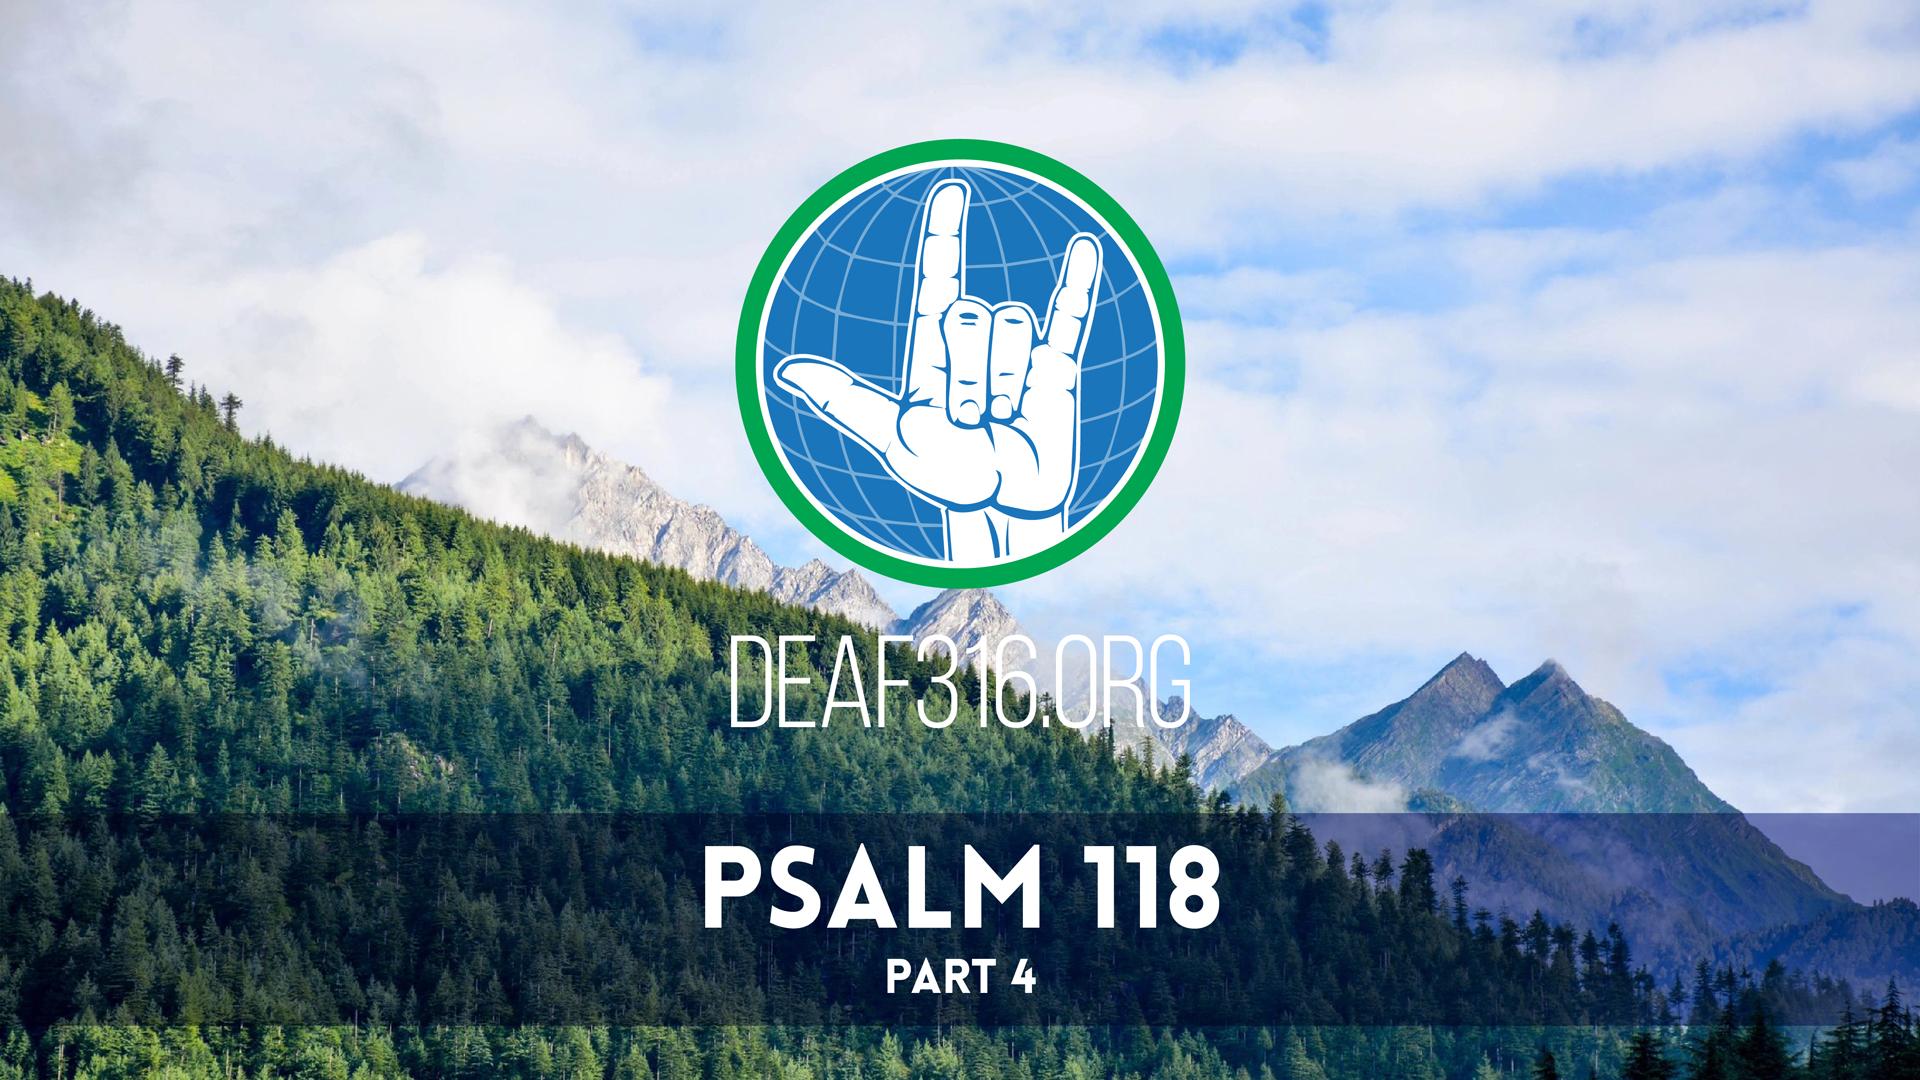 PSALM 118-PART 4